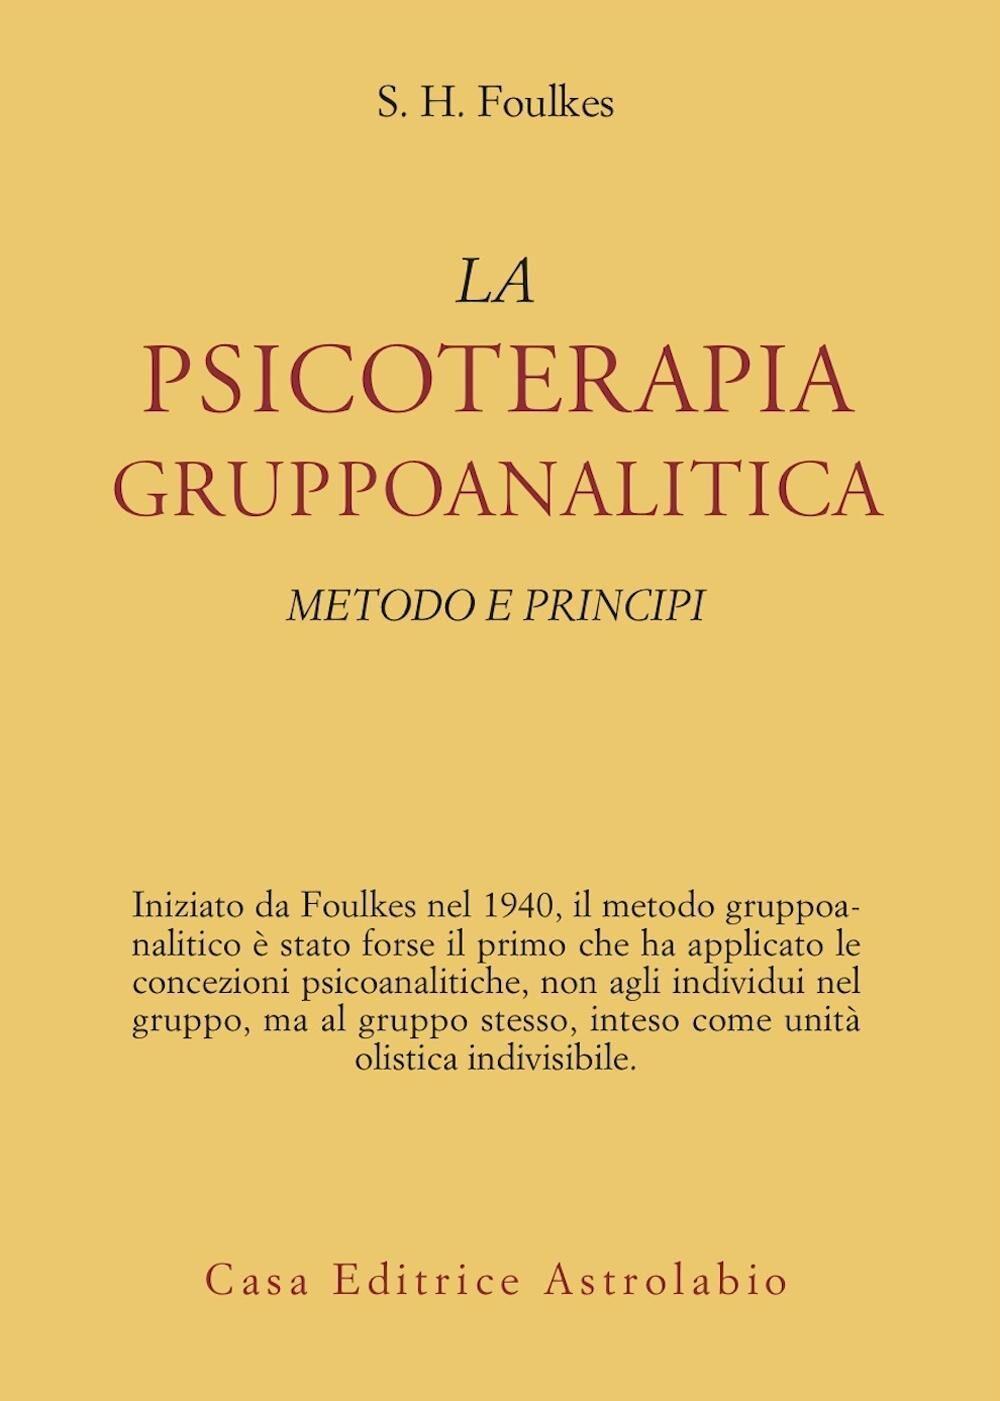 Psicoterapia gruppoanalitica. Metodi e principi